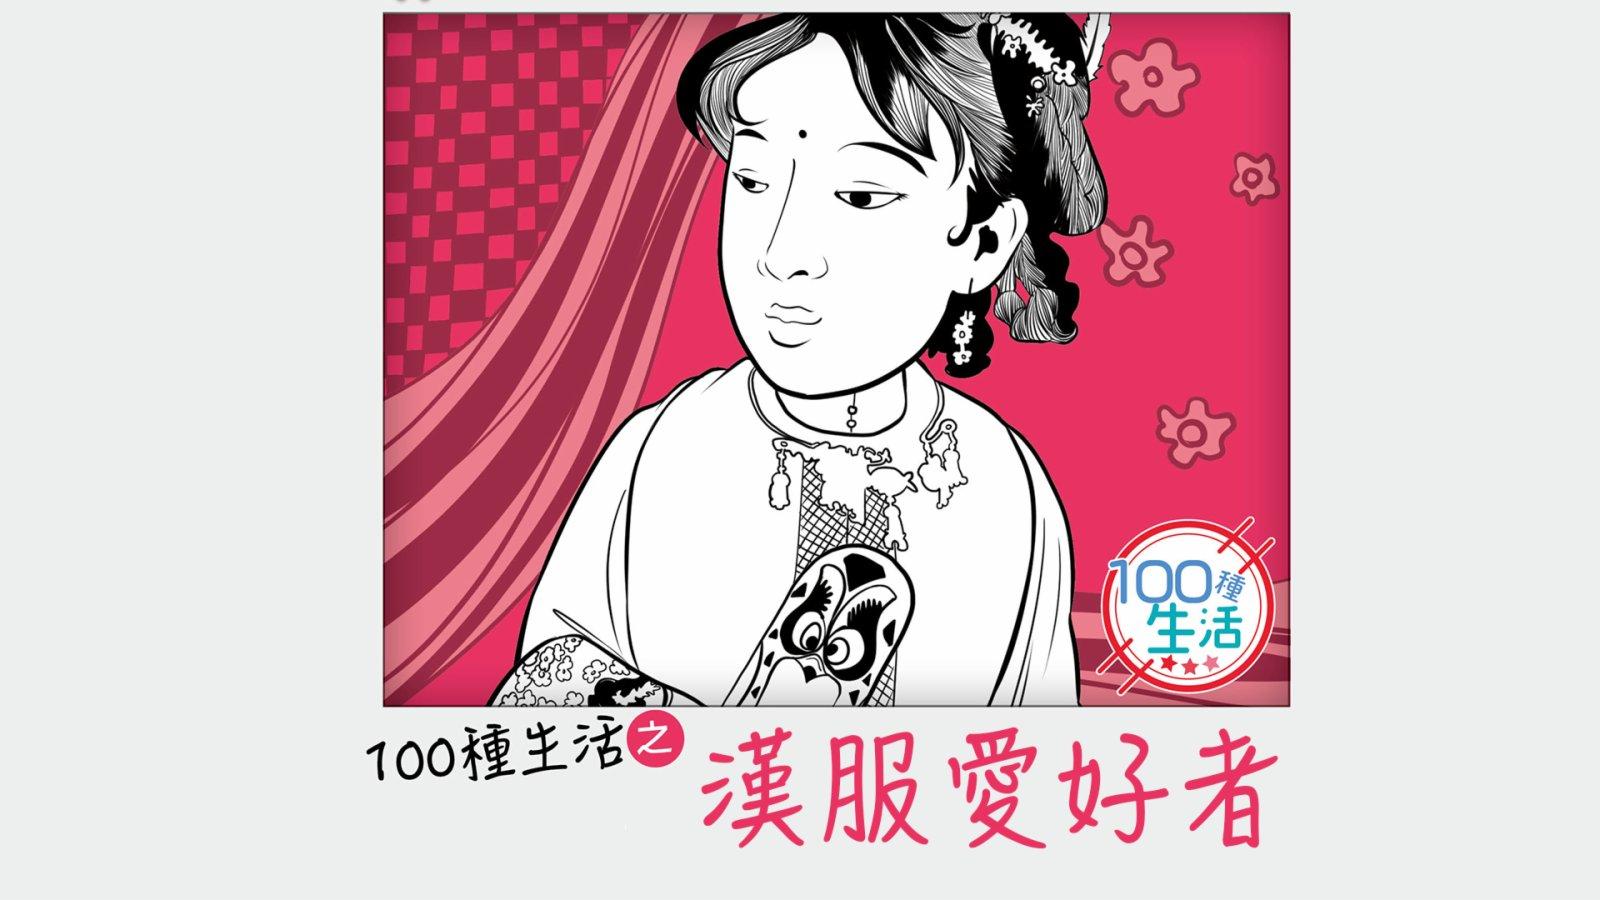 100種生活 活成古人的樣子 山大漢服愛好者這樣宣揚傳統文化!